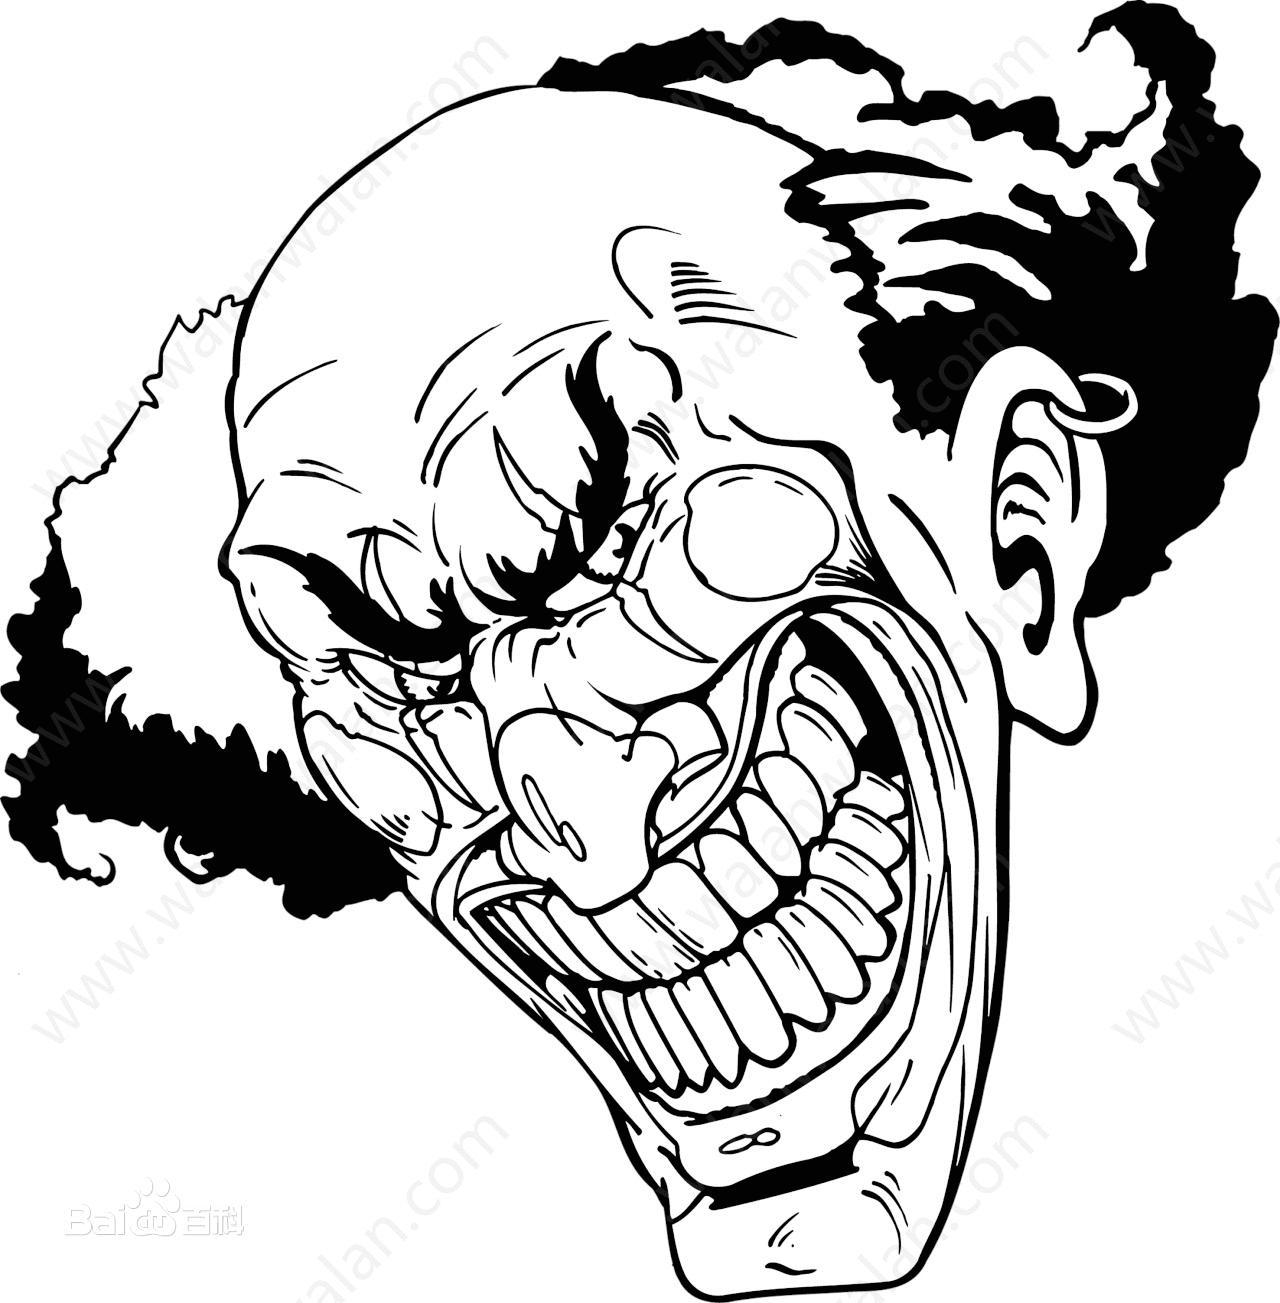 龇牙咧嘴用简笔画或漫画来解释